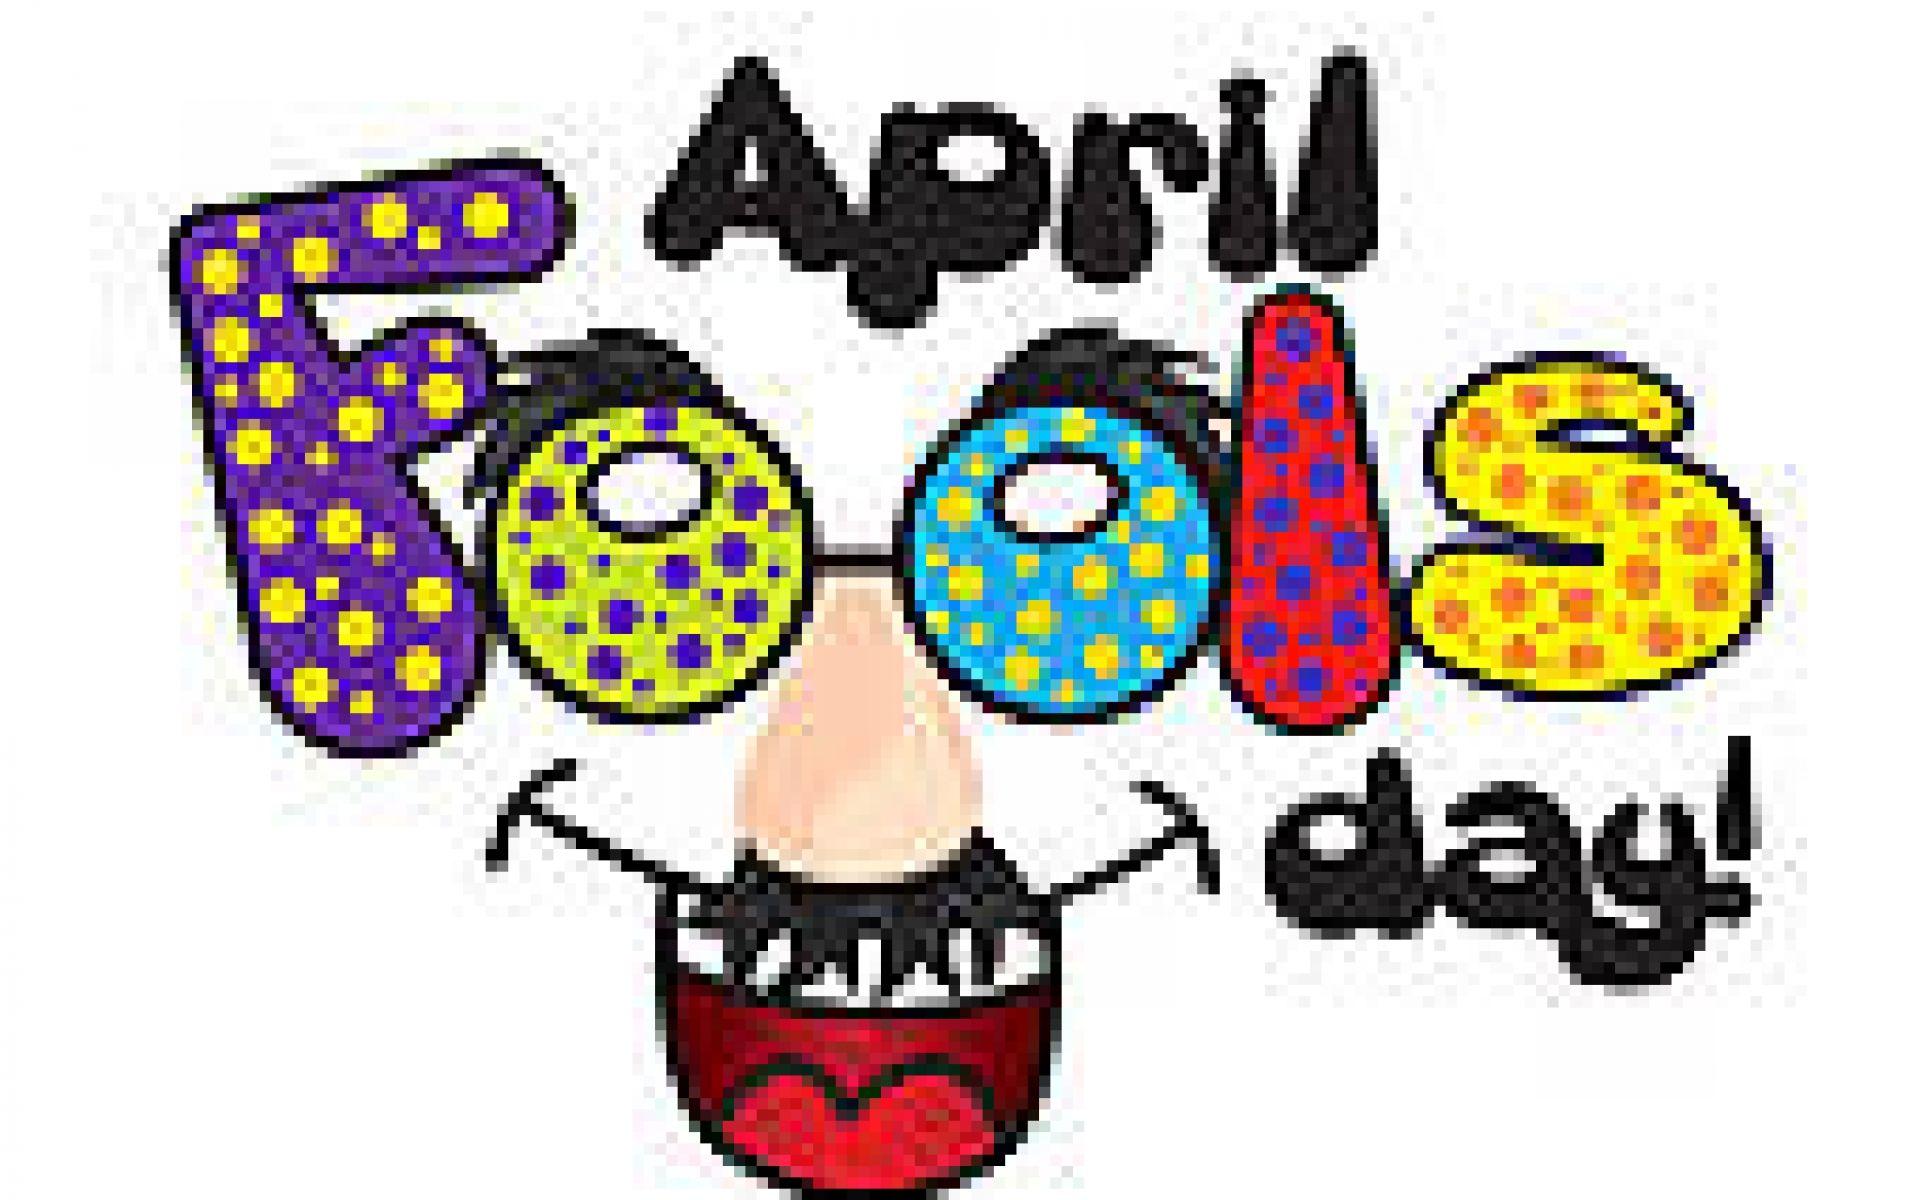 april fools day clip art high definition wallpapers hd wallpapers rh pinterest com april fools clipart free happy april fools clipart